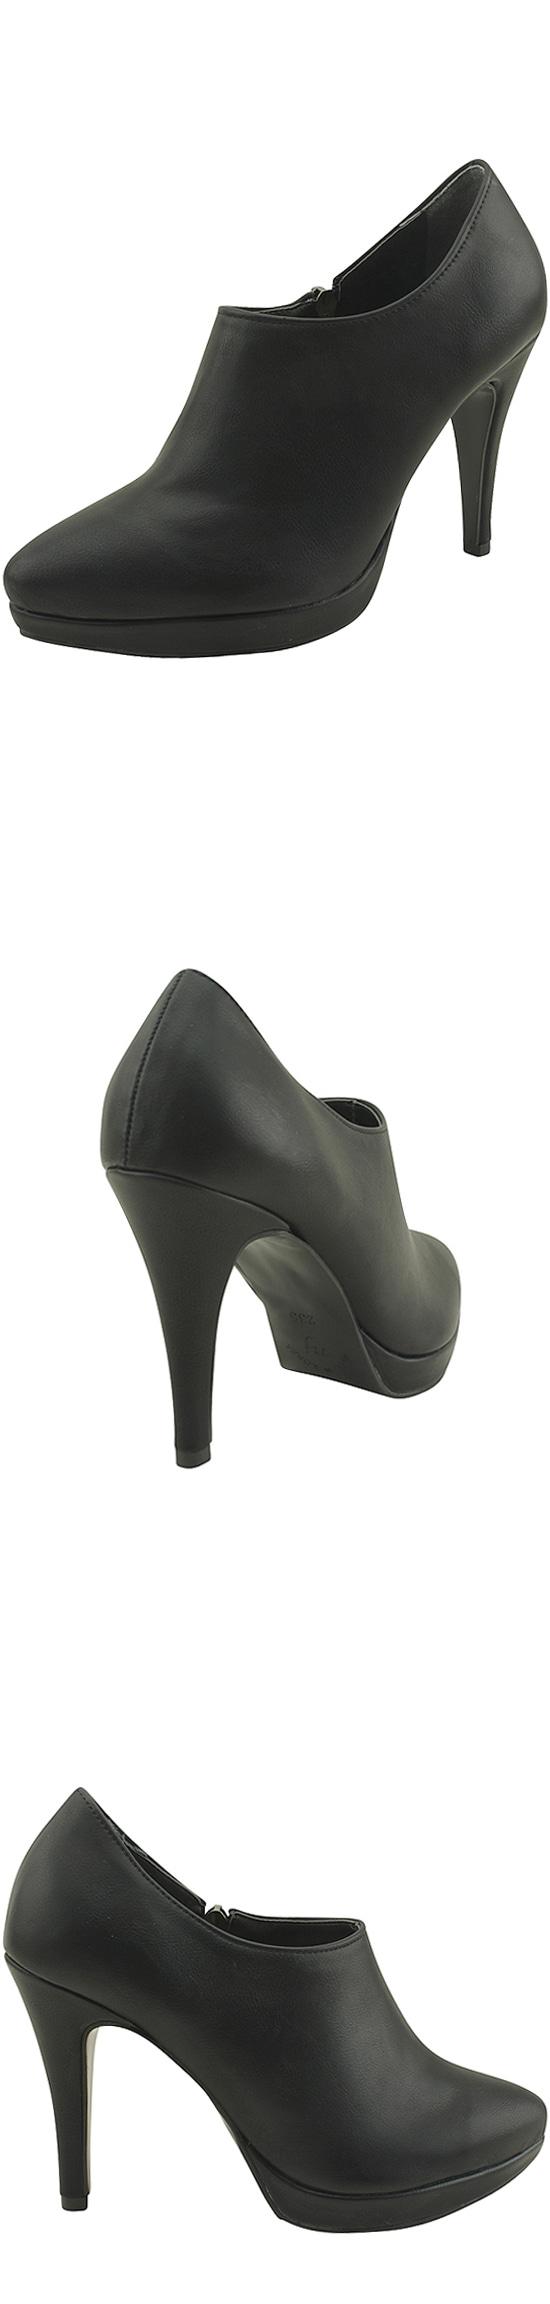 Stiletto high heels heavier booties